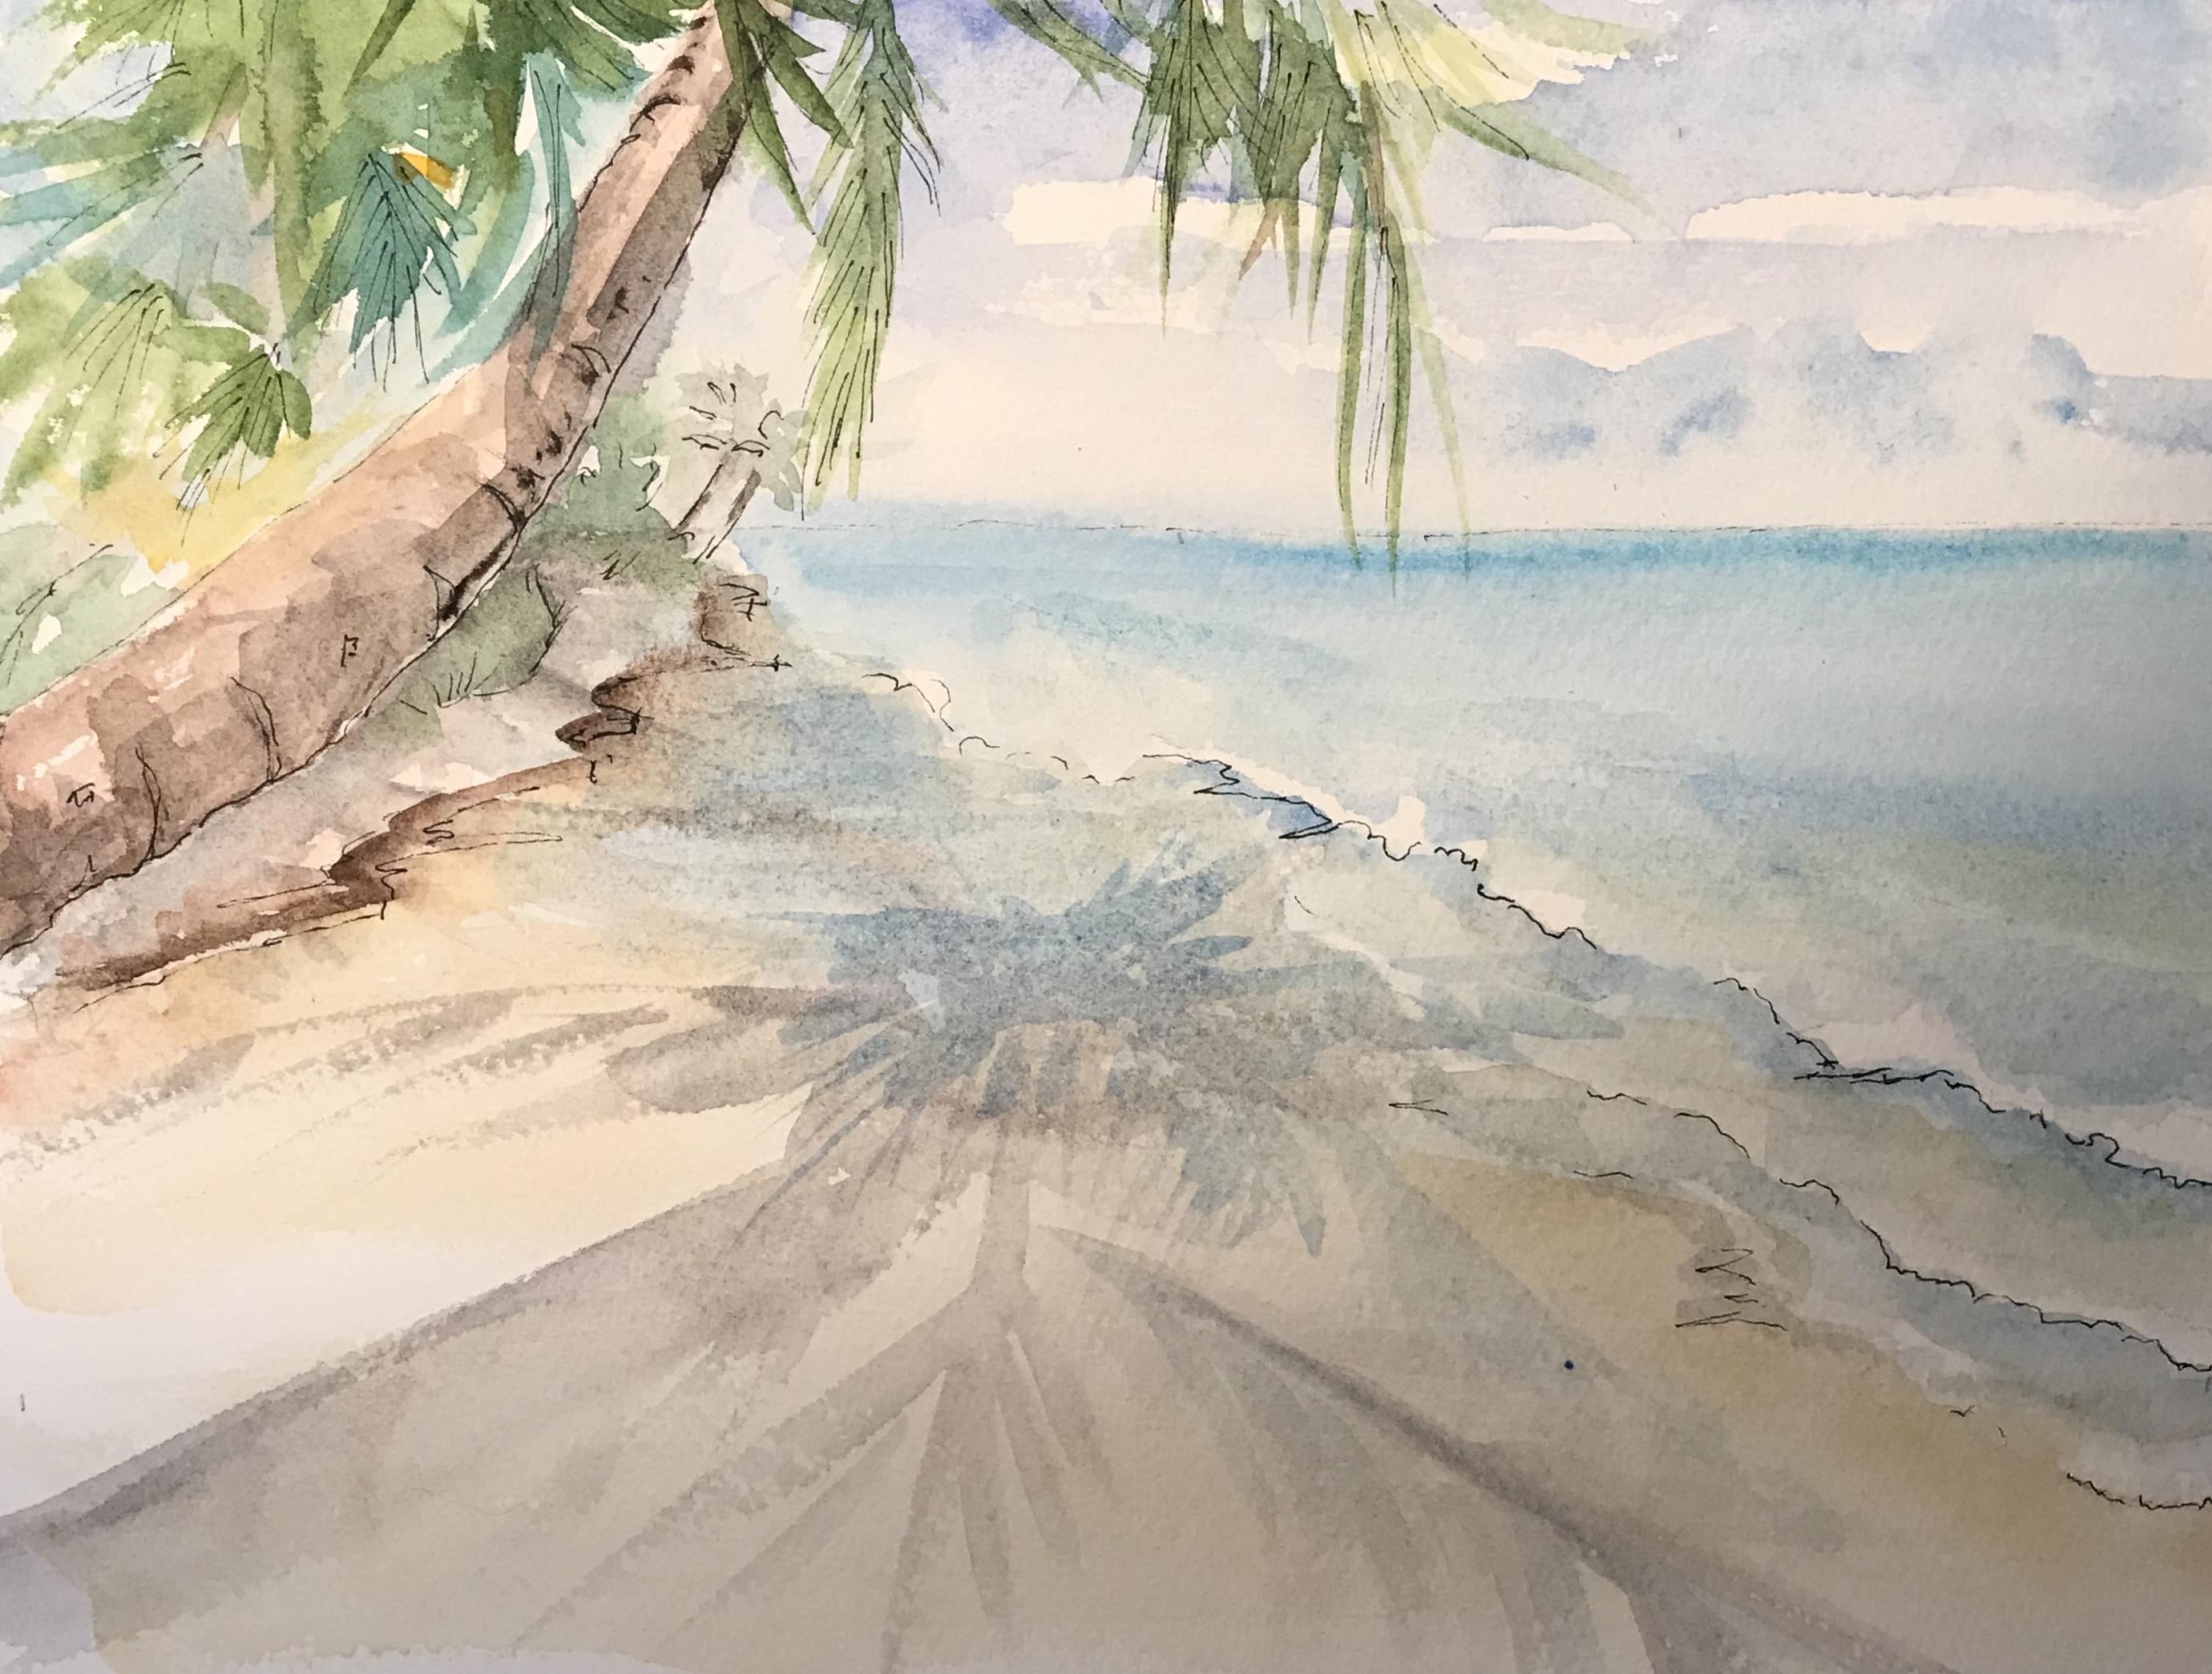 PalmTree & Beach.jpg